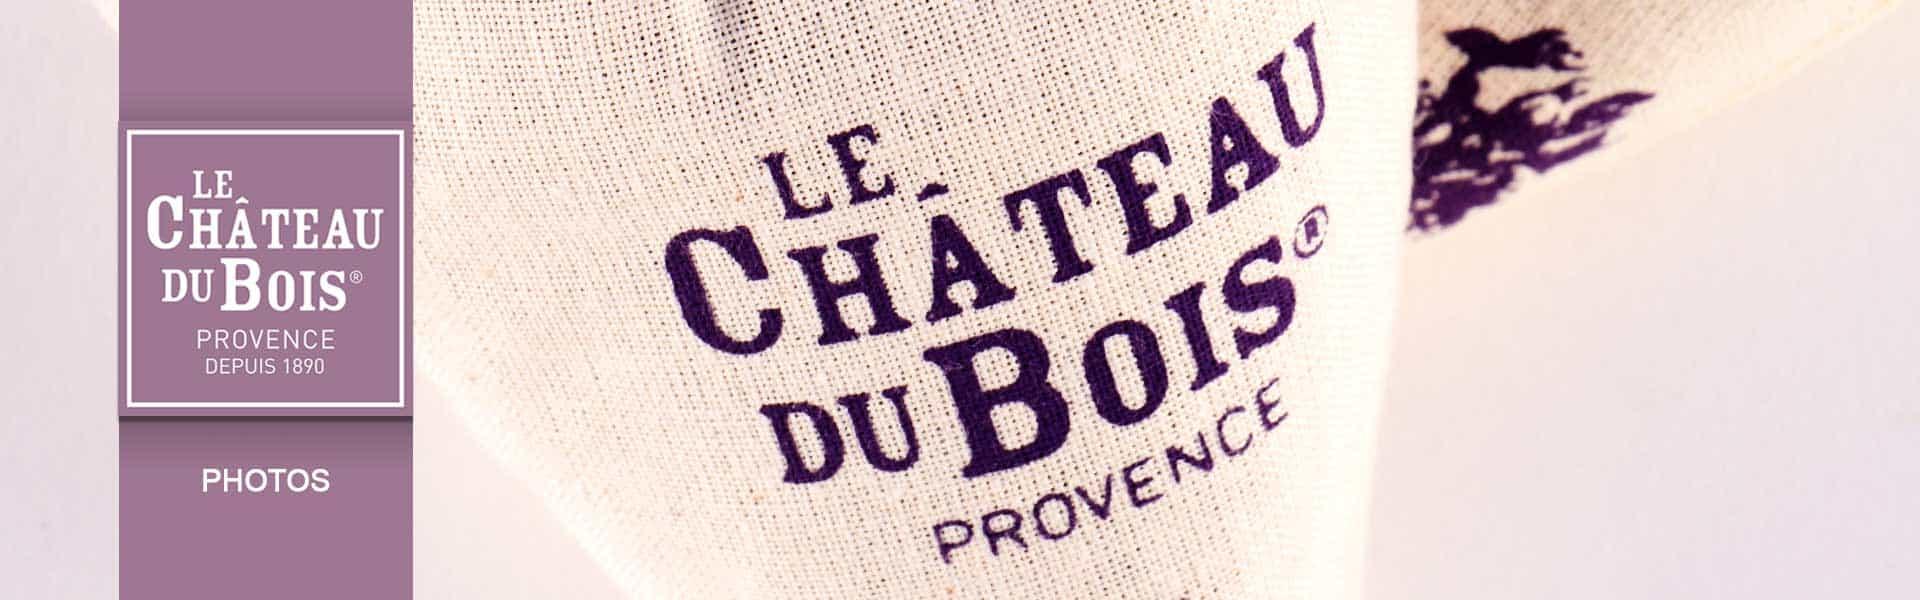 Le Chateau du Bois